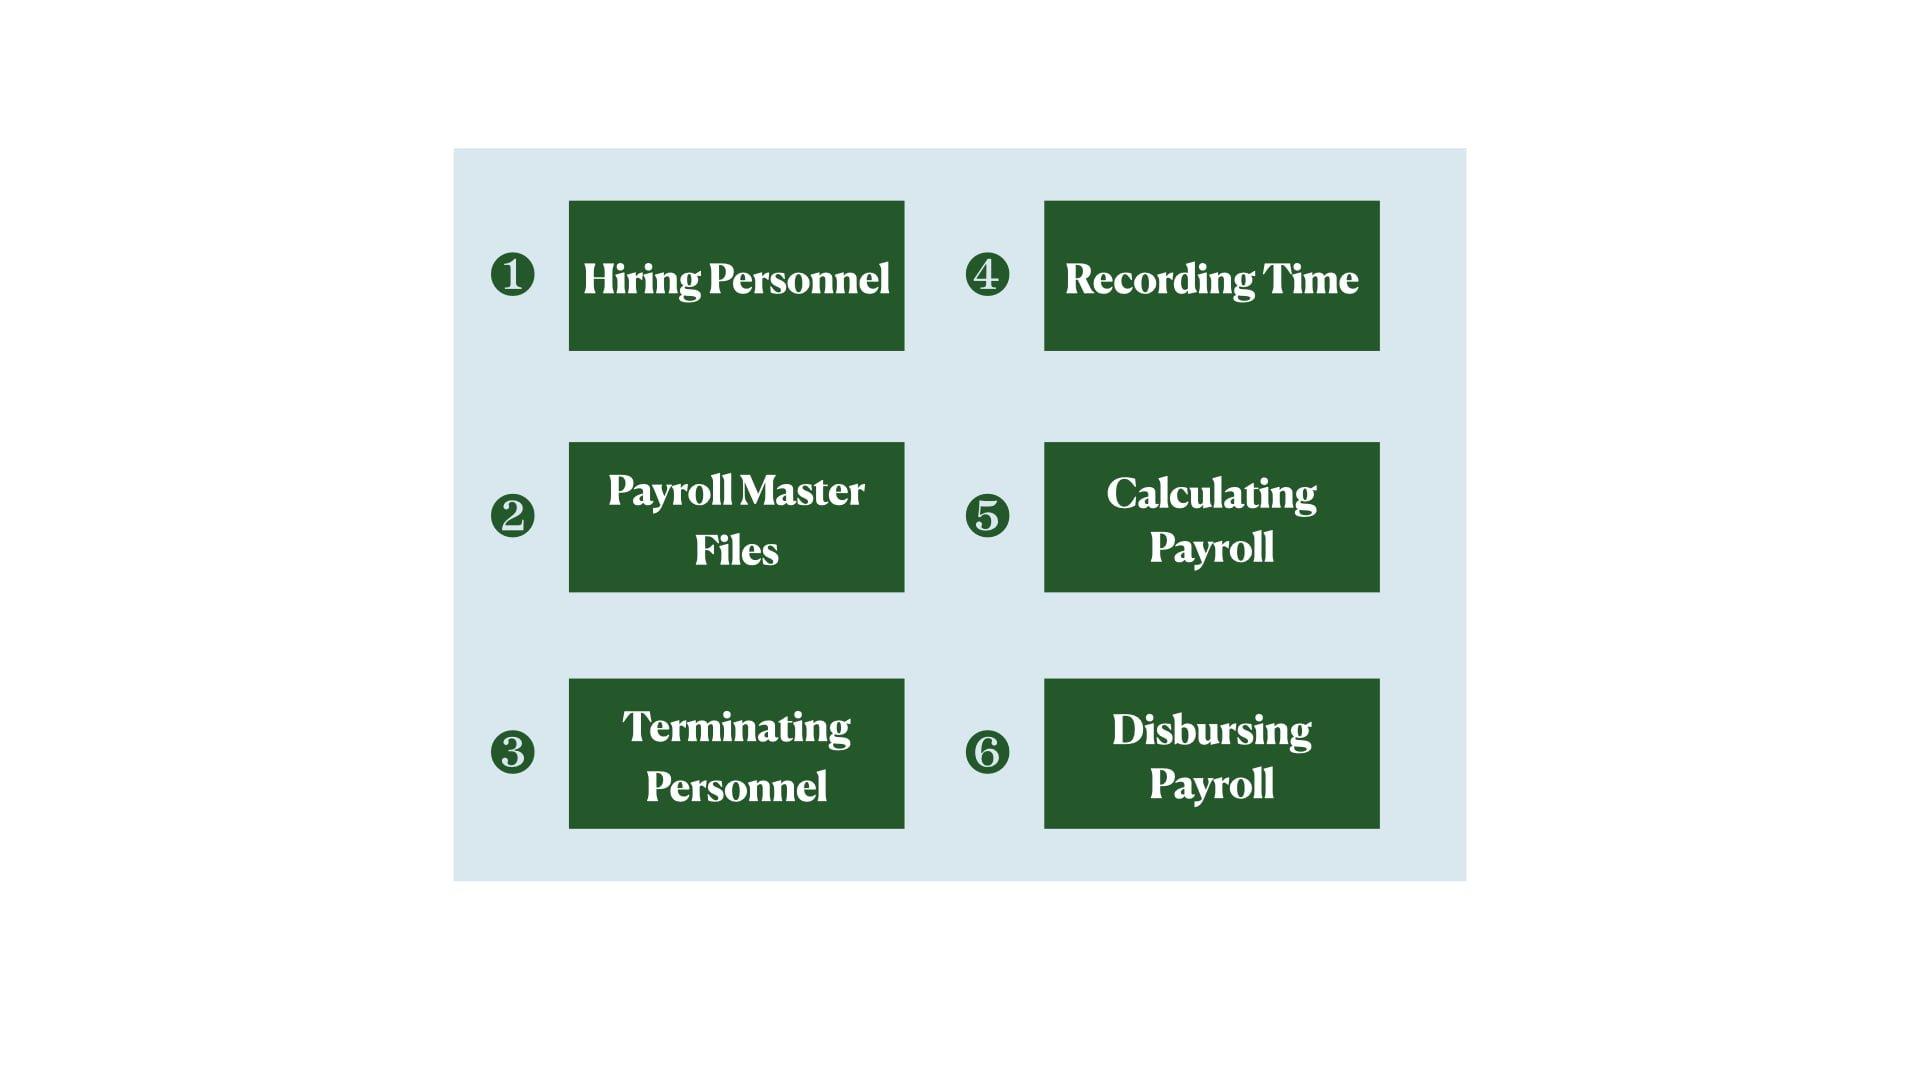 kiểm soát nội bộ chu trình tiền lương